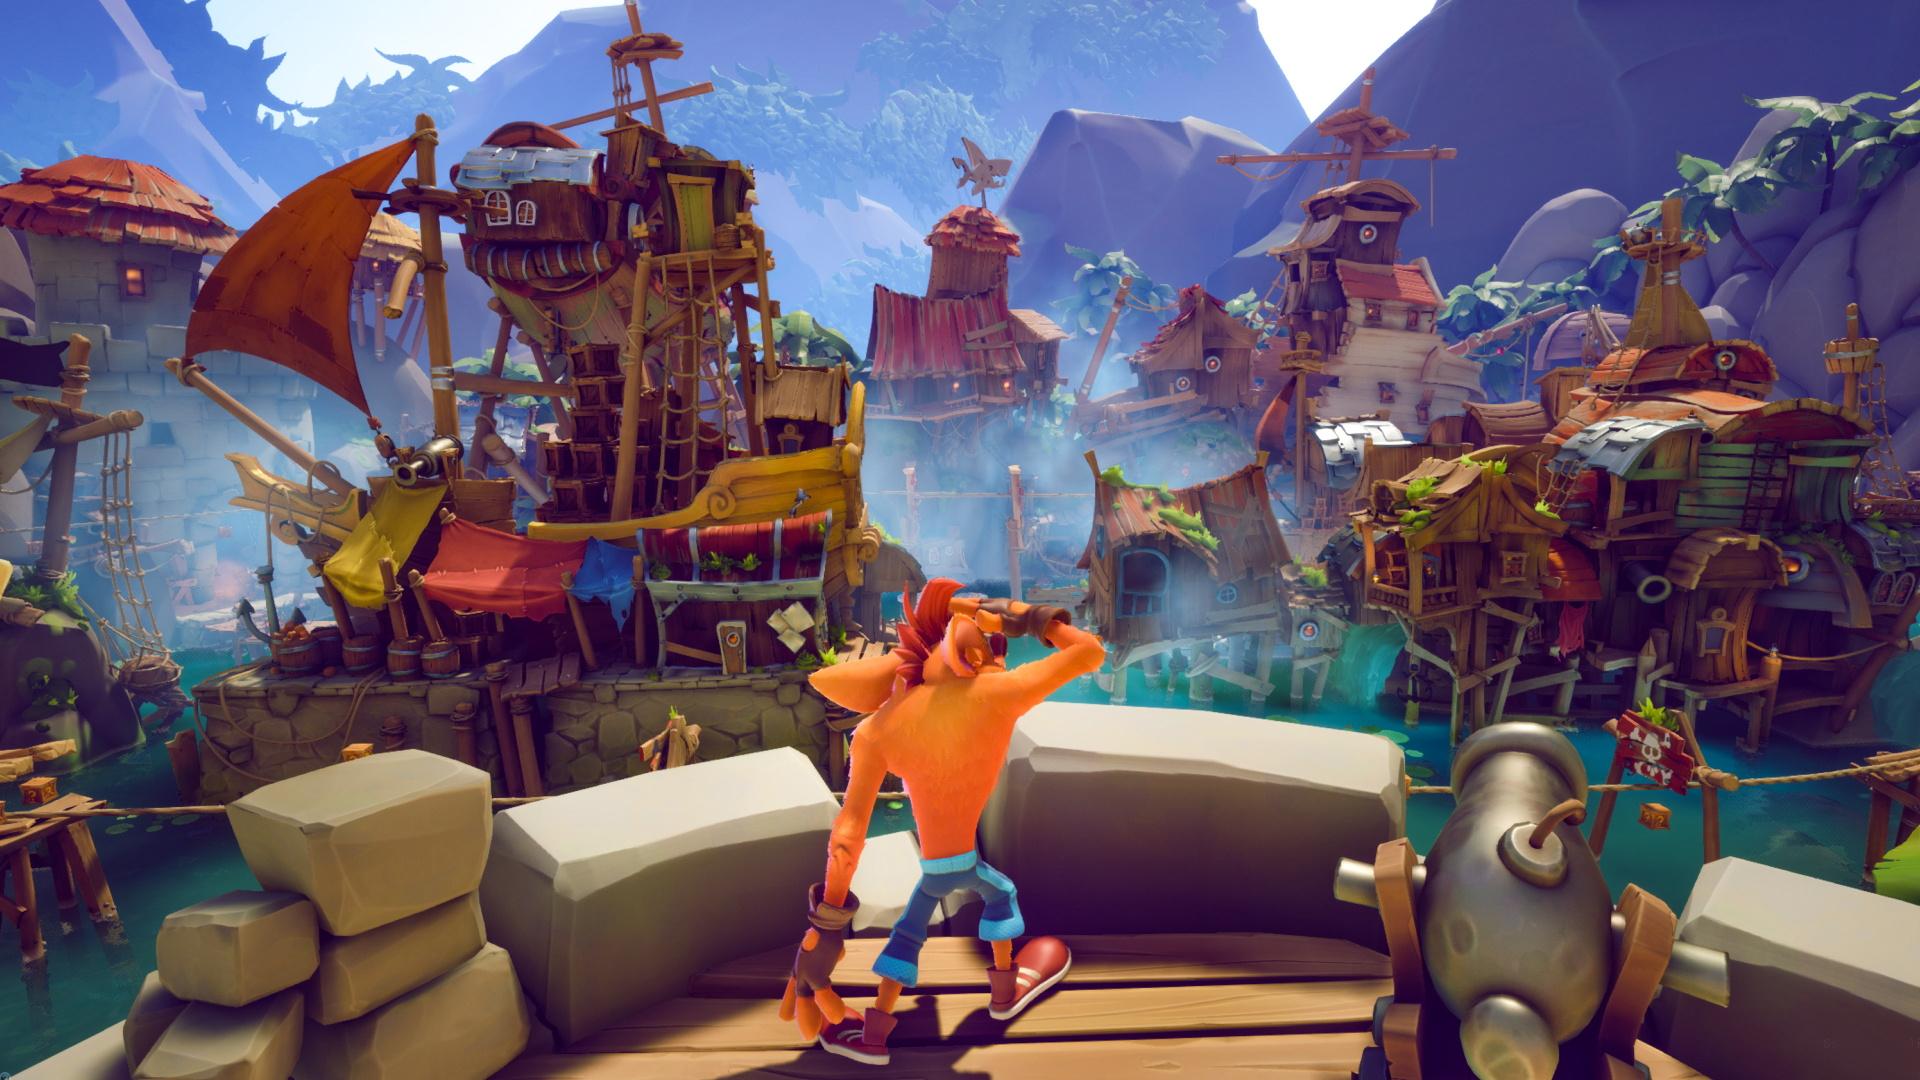 Пиратский уровень в новом геймплейном ролике Crash Bandicoot 4: It's About Time